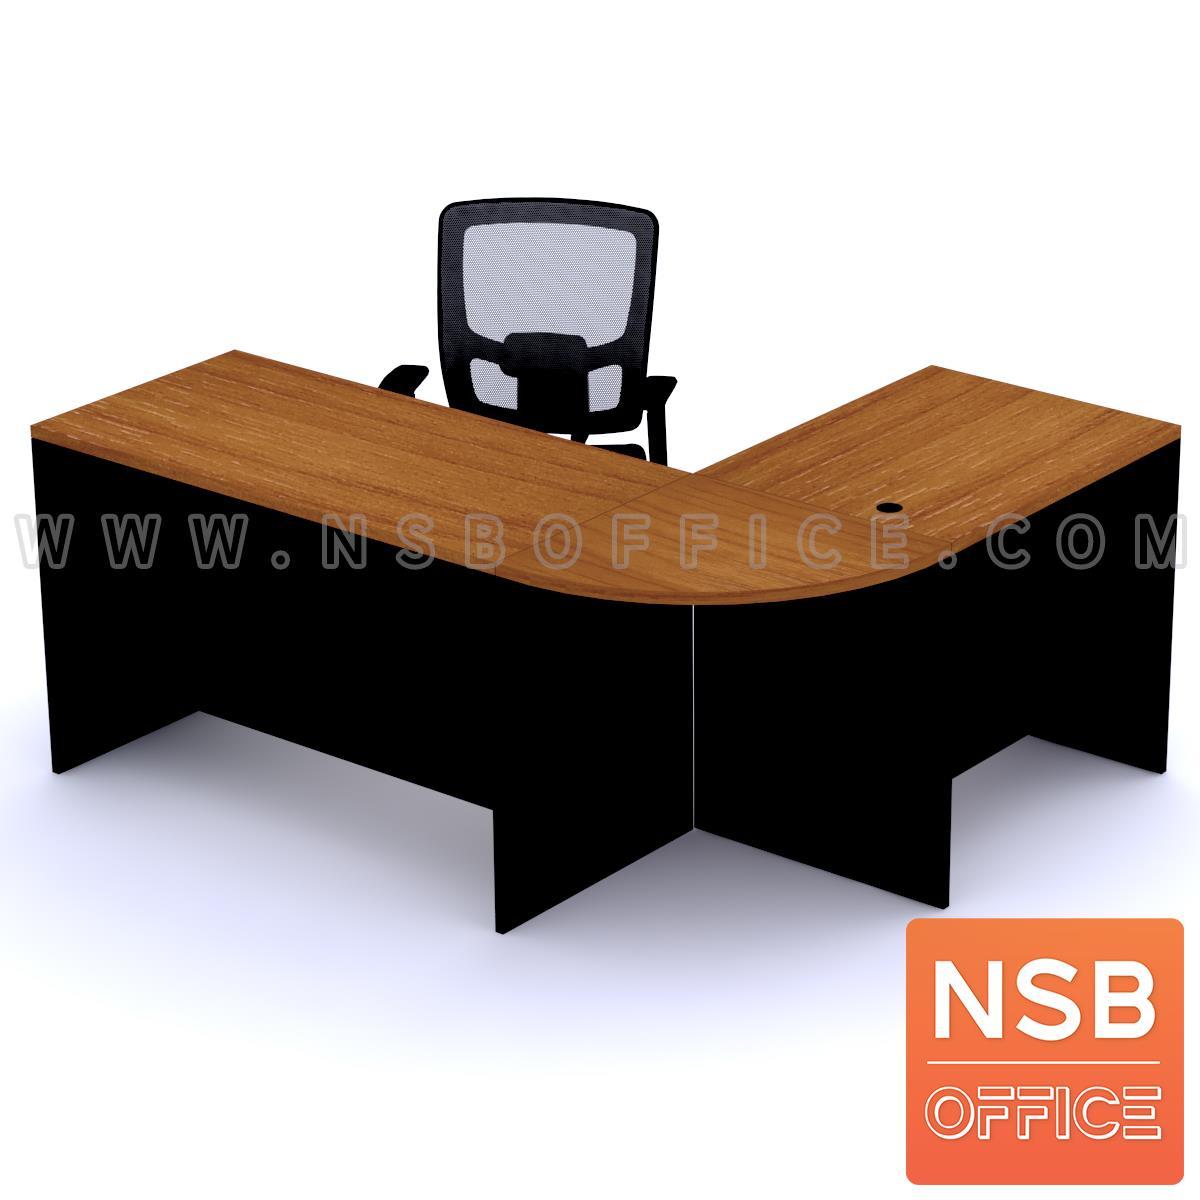 โต๊ะทำงานตัวแอล ชุด 2+1 ชิ้น รุ่น Richard (ริชาร์ด) ขนาด 180W1*140W2 cm. เมลามีน